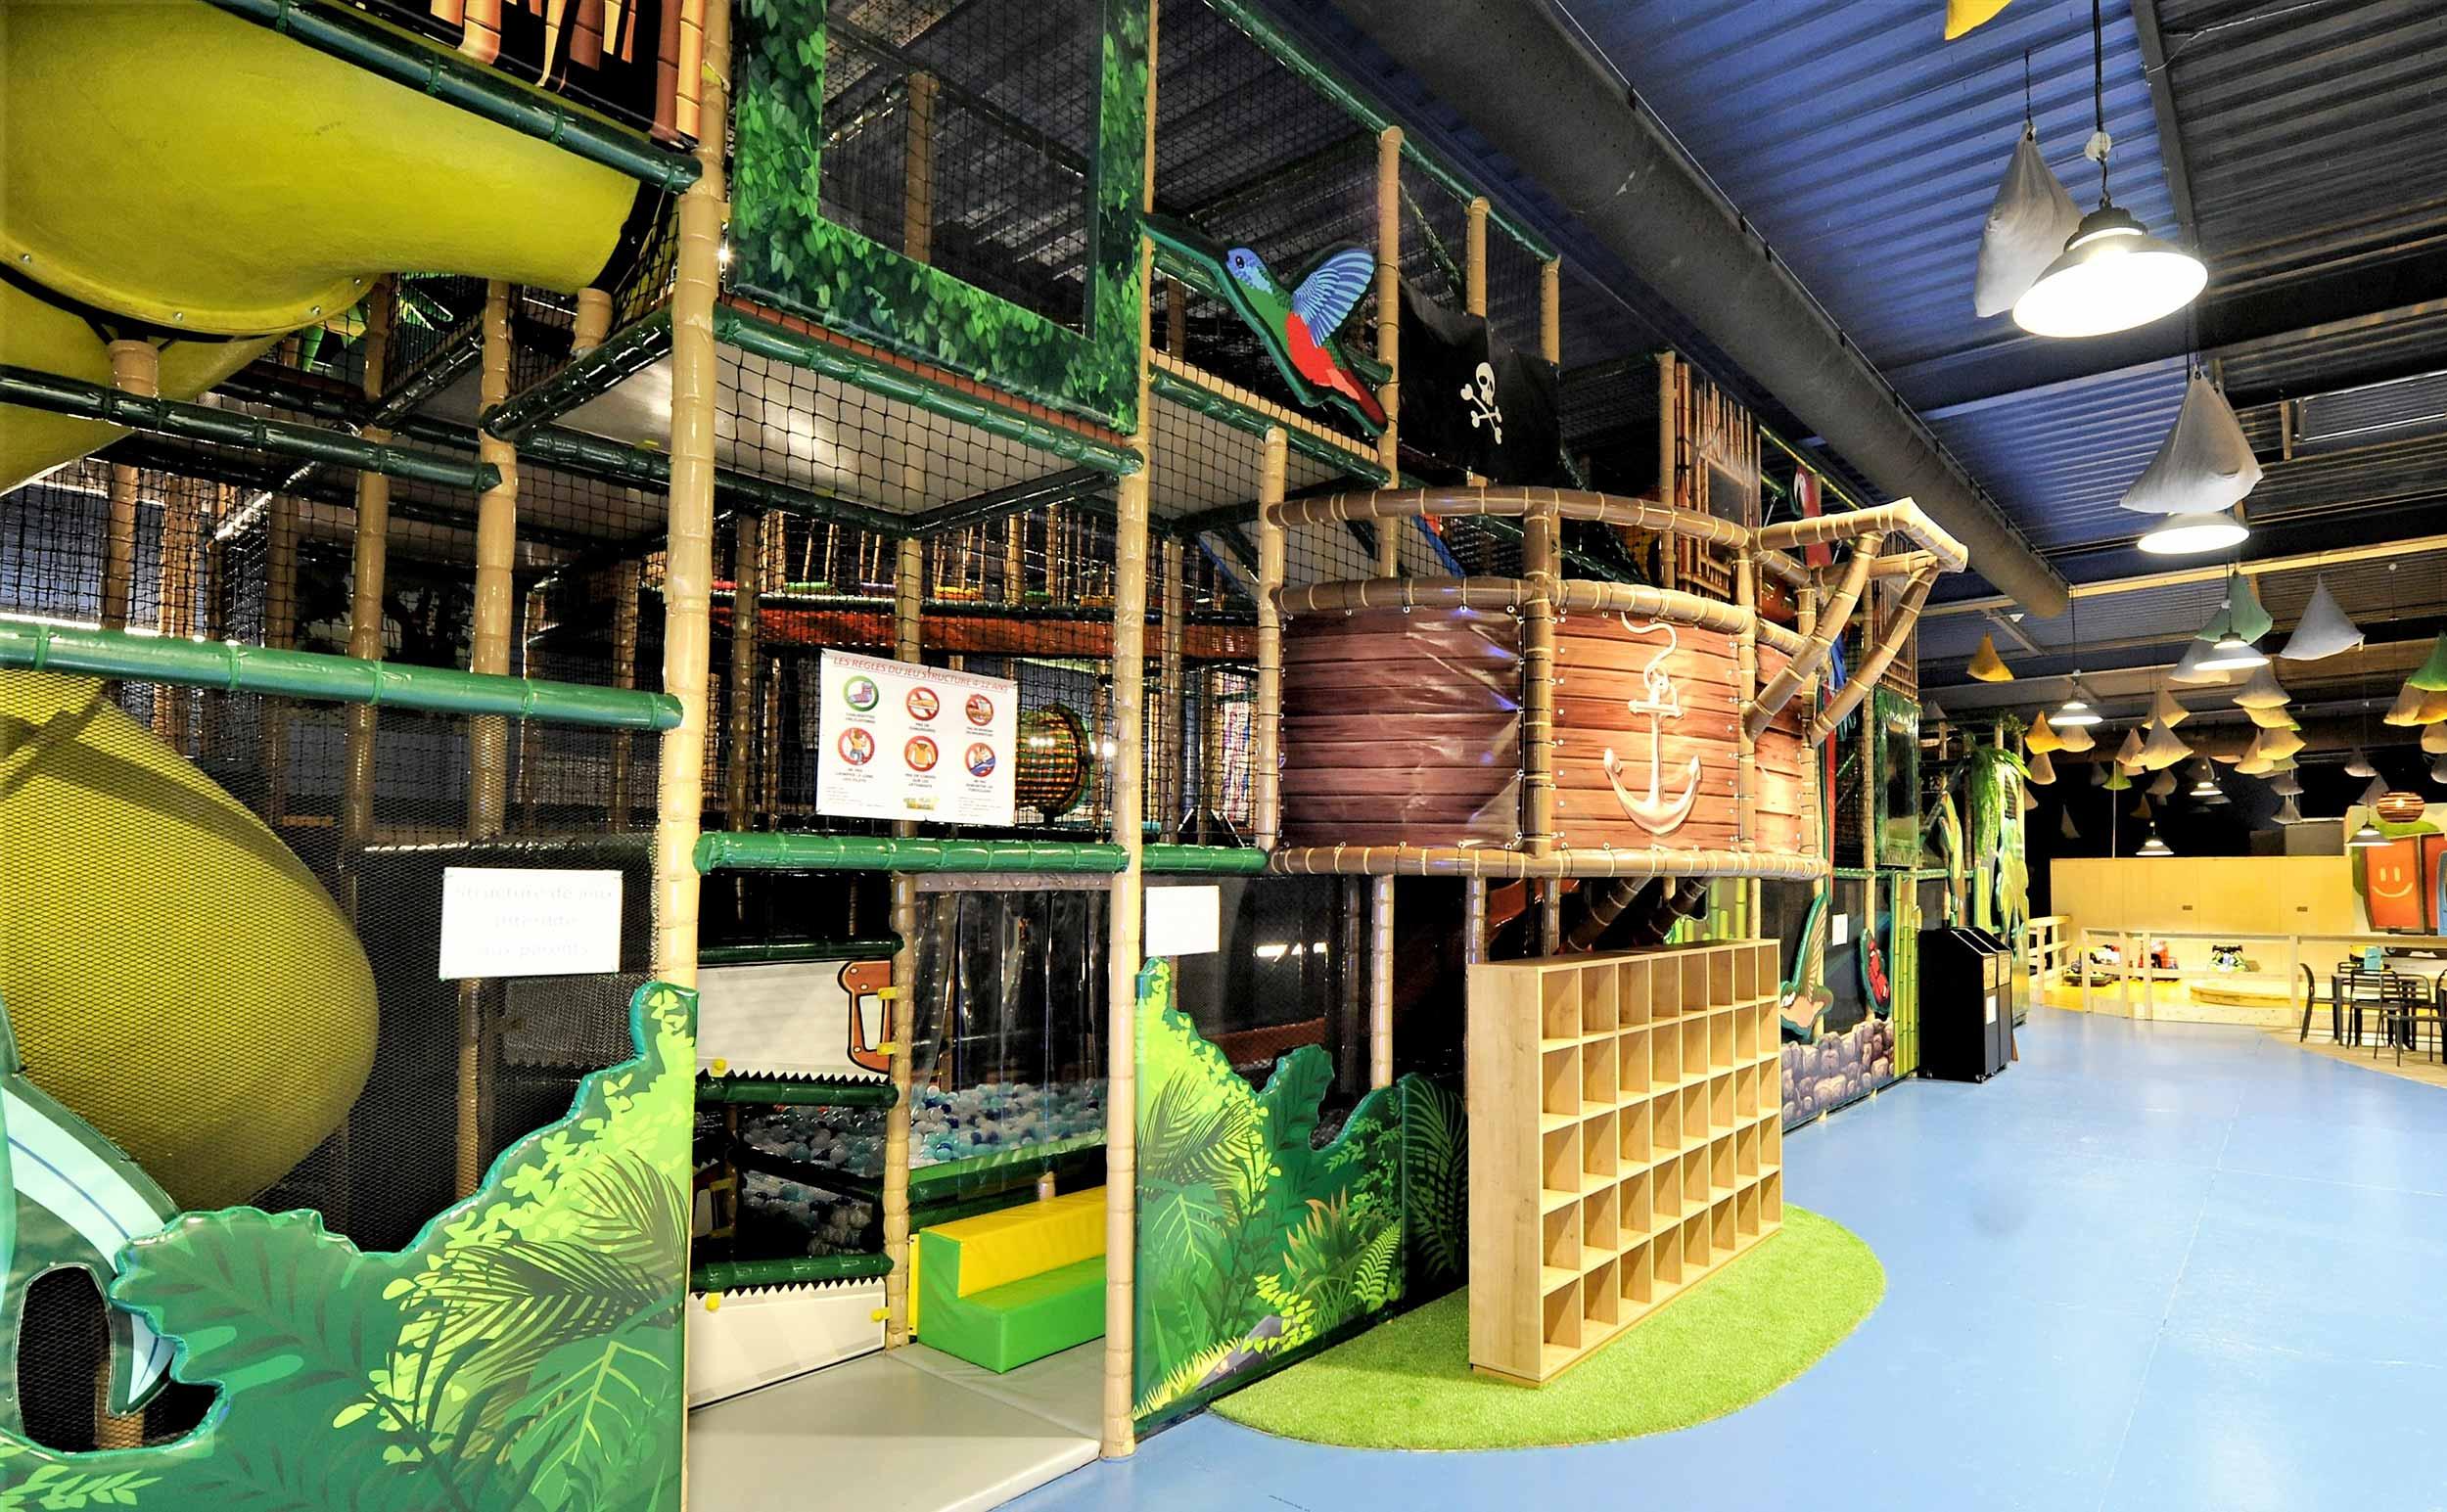 Kids Parc Et Parc Pour Enfants À Mulhouse Wittenheim En Alsace intérieur Jeux Gratuits Pour Enfants De 3 Ans